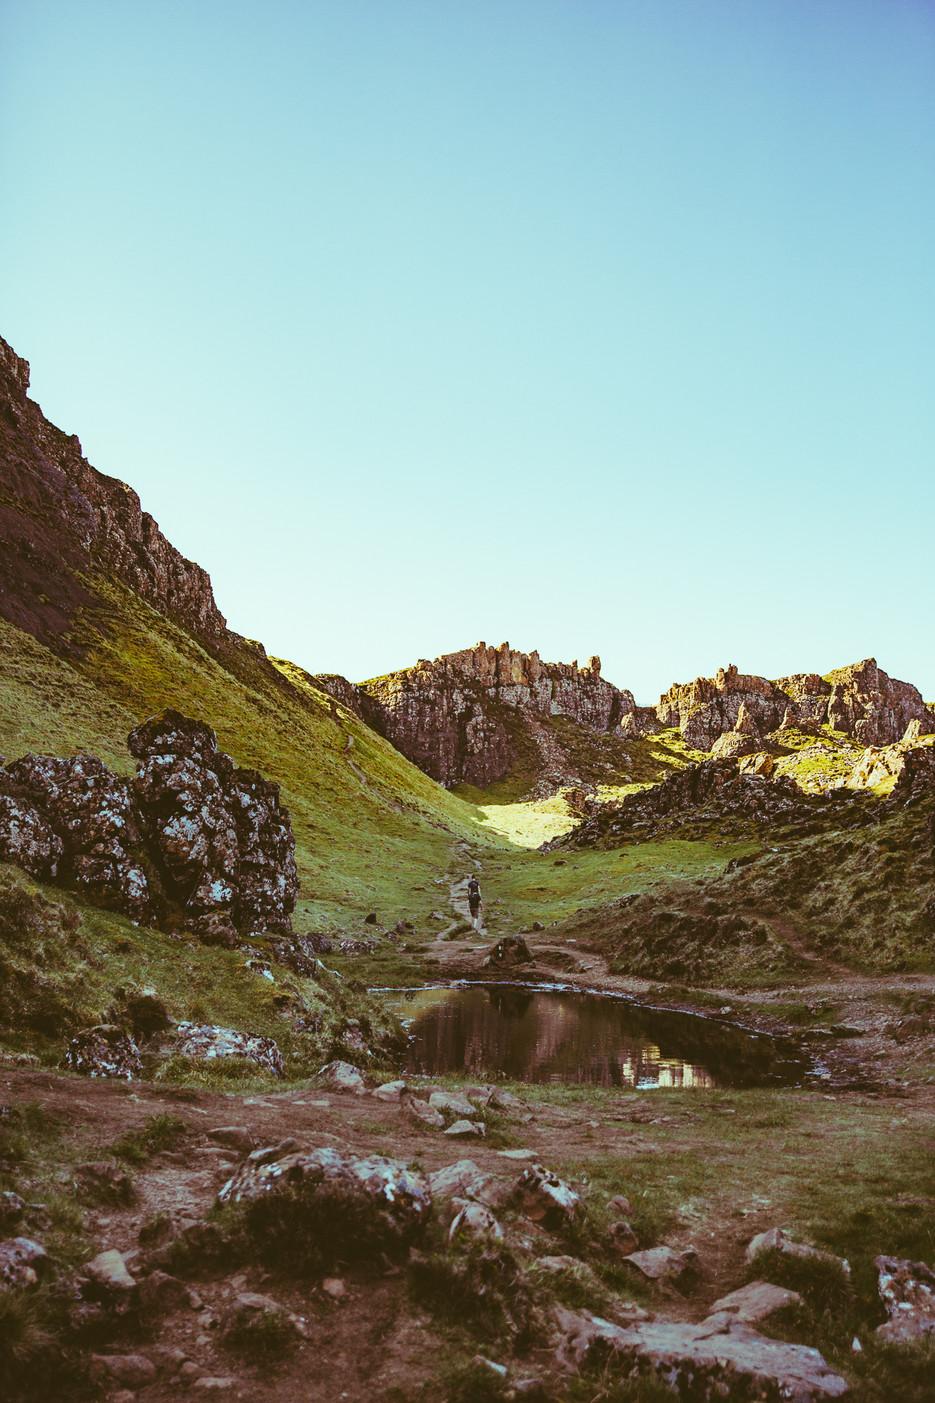 Quairing, Scotland